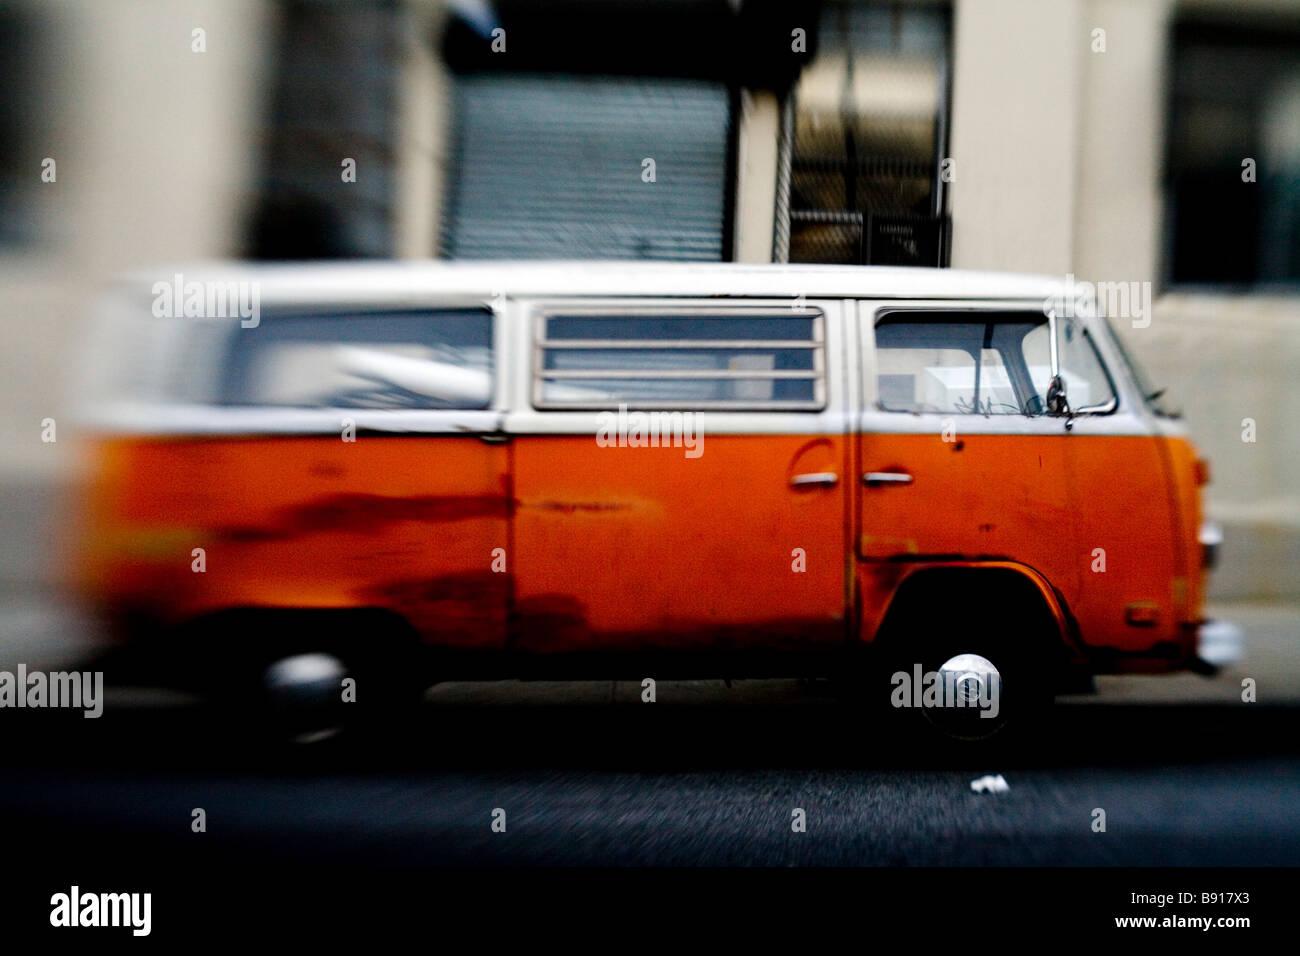 Lensbaby shot of an old orange VW Van - Stock Image